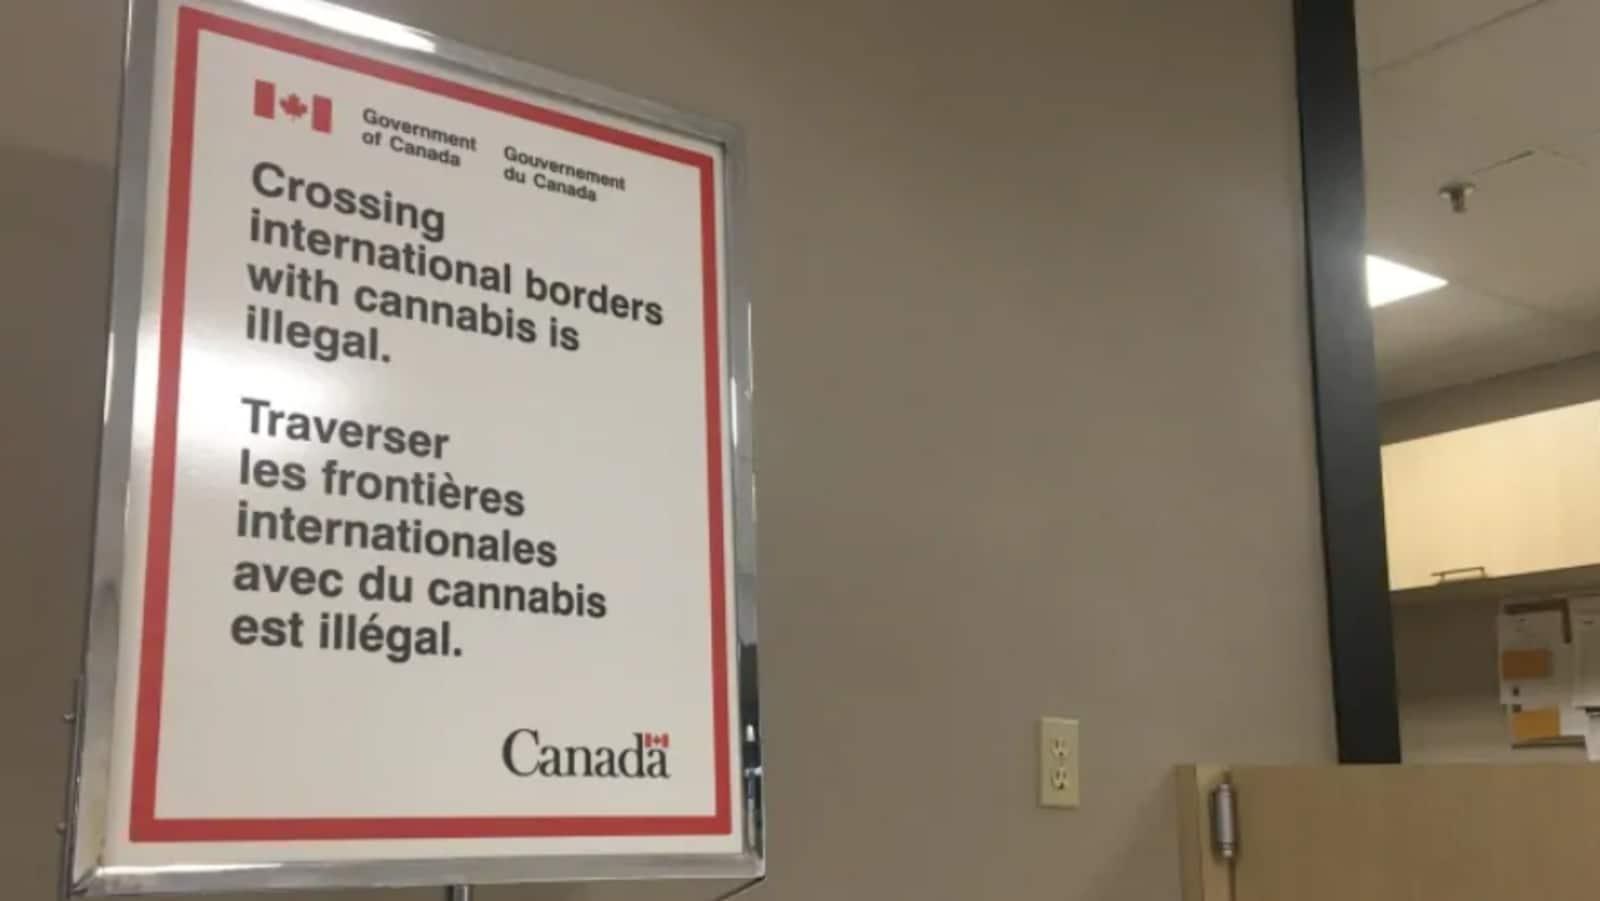 Une affiche indique : « Traverser les frontières internationales avec du cannabis est illégal. »